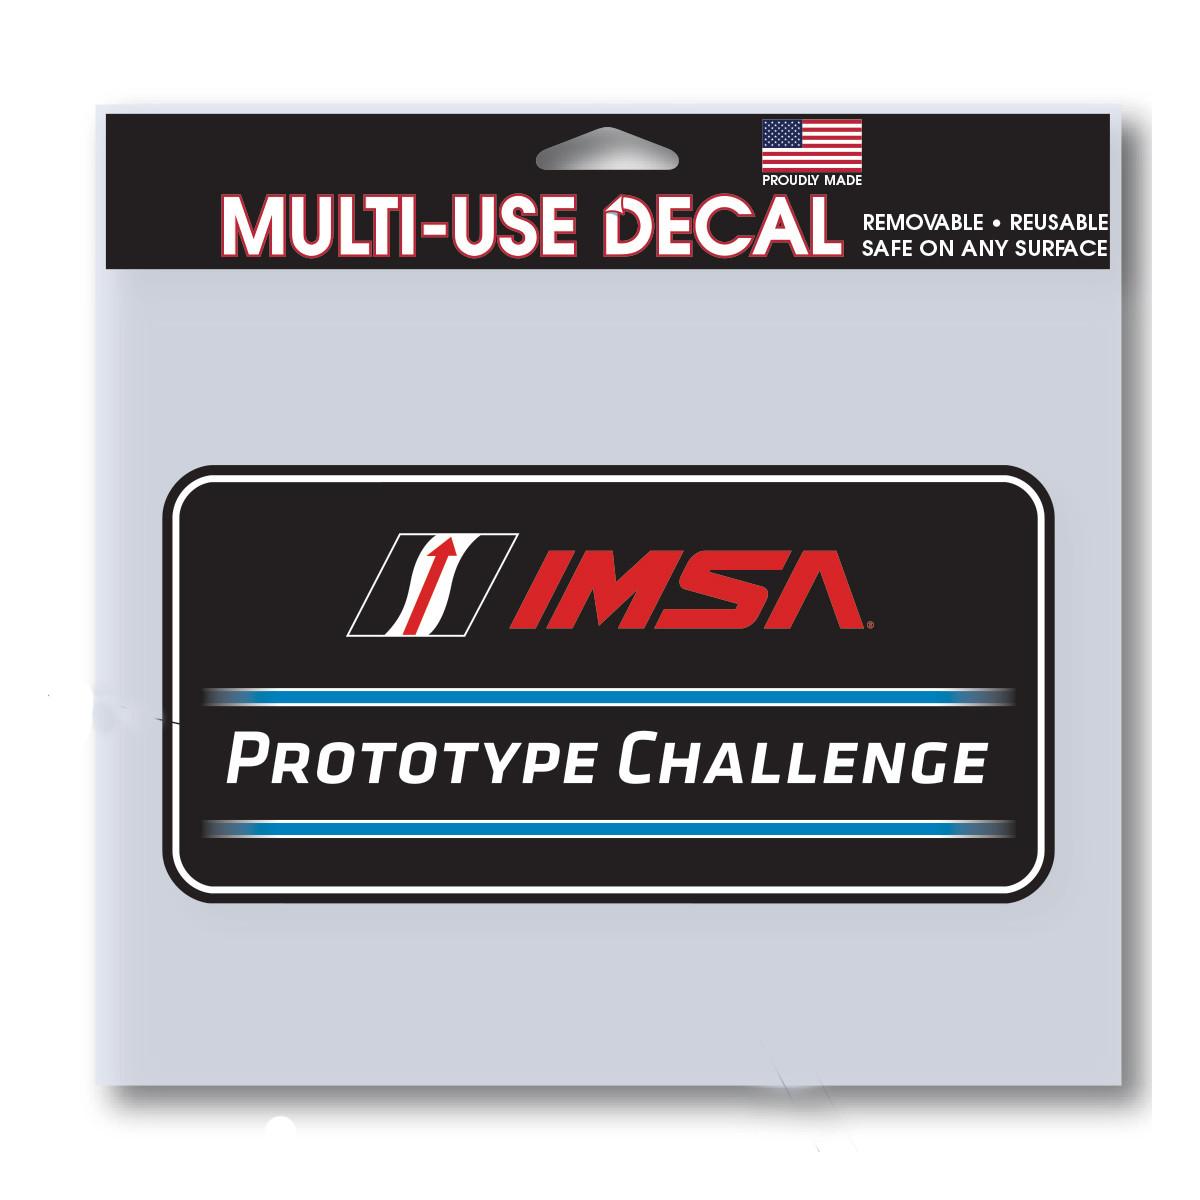 IMSA Prototype Challenge Decal